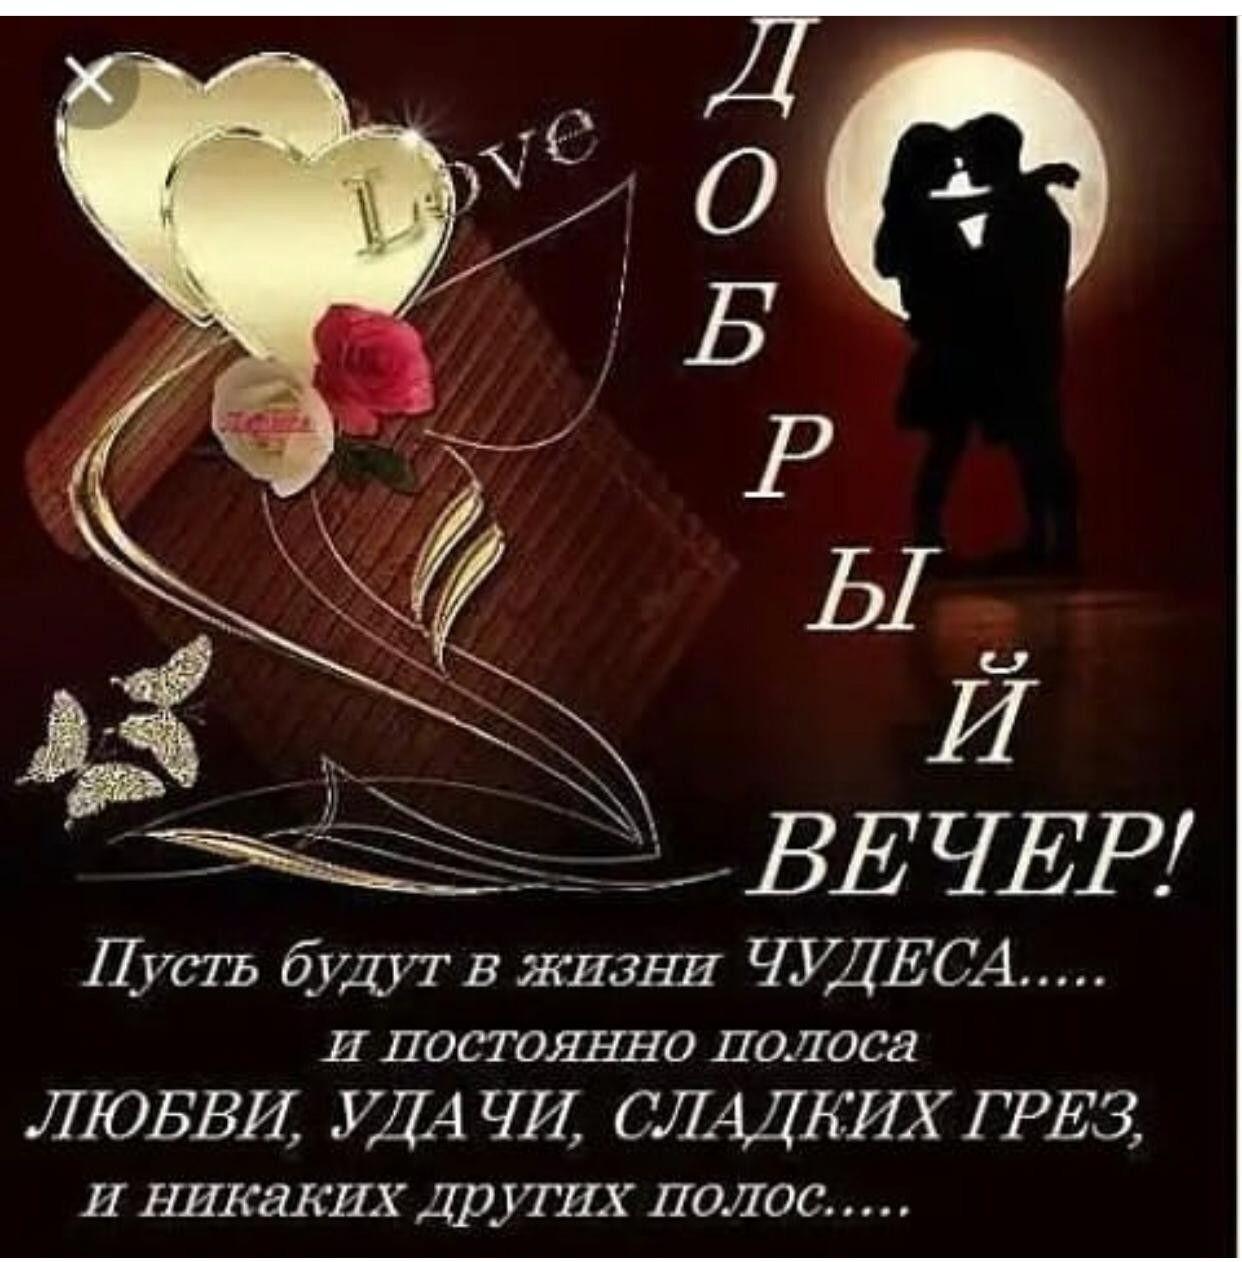 https://i.pinimg.com/originals/54/65/44/54654468ff9a670494fa78a6525e8d1a.jpg